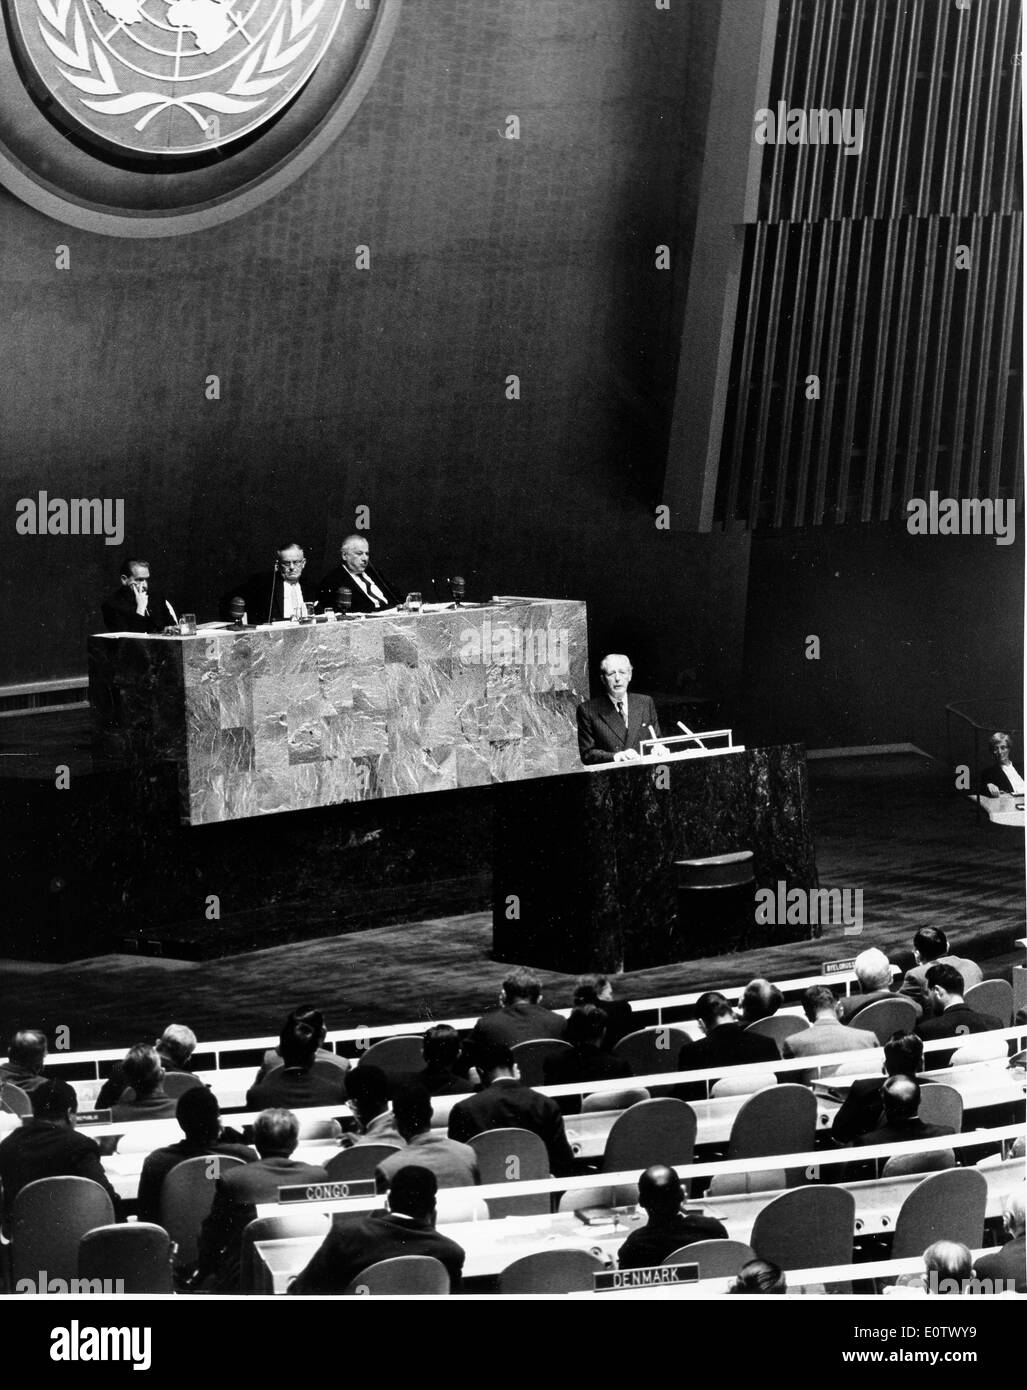 Harold Macmillan at General Assembly UN meeting - Stock Image